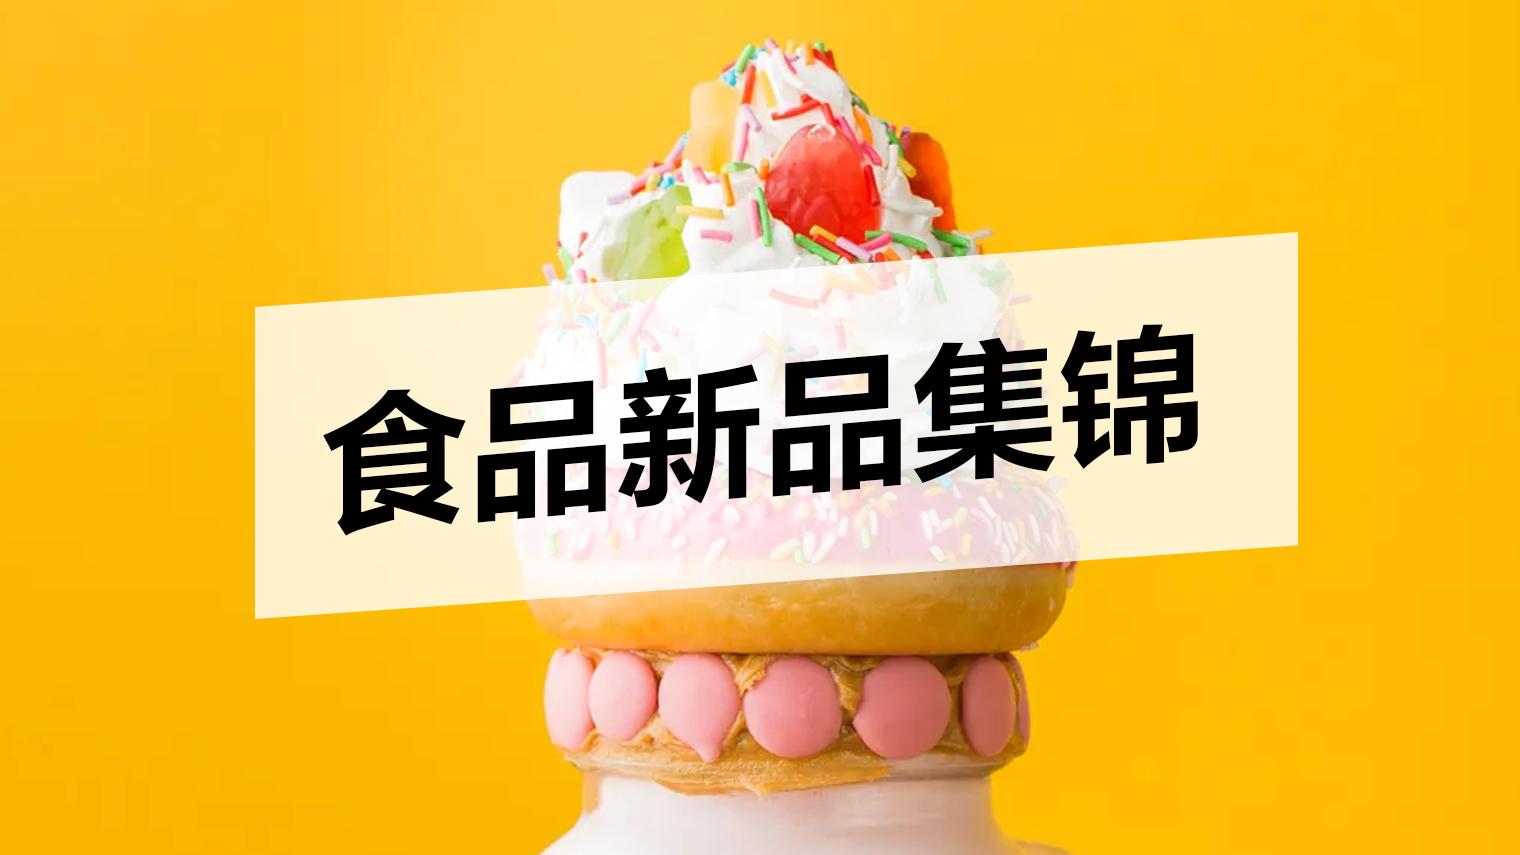 新品观察   钟薛高推出首款奶冰雪糕,康师傅上新无糖冰红茶